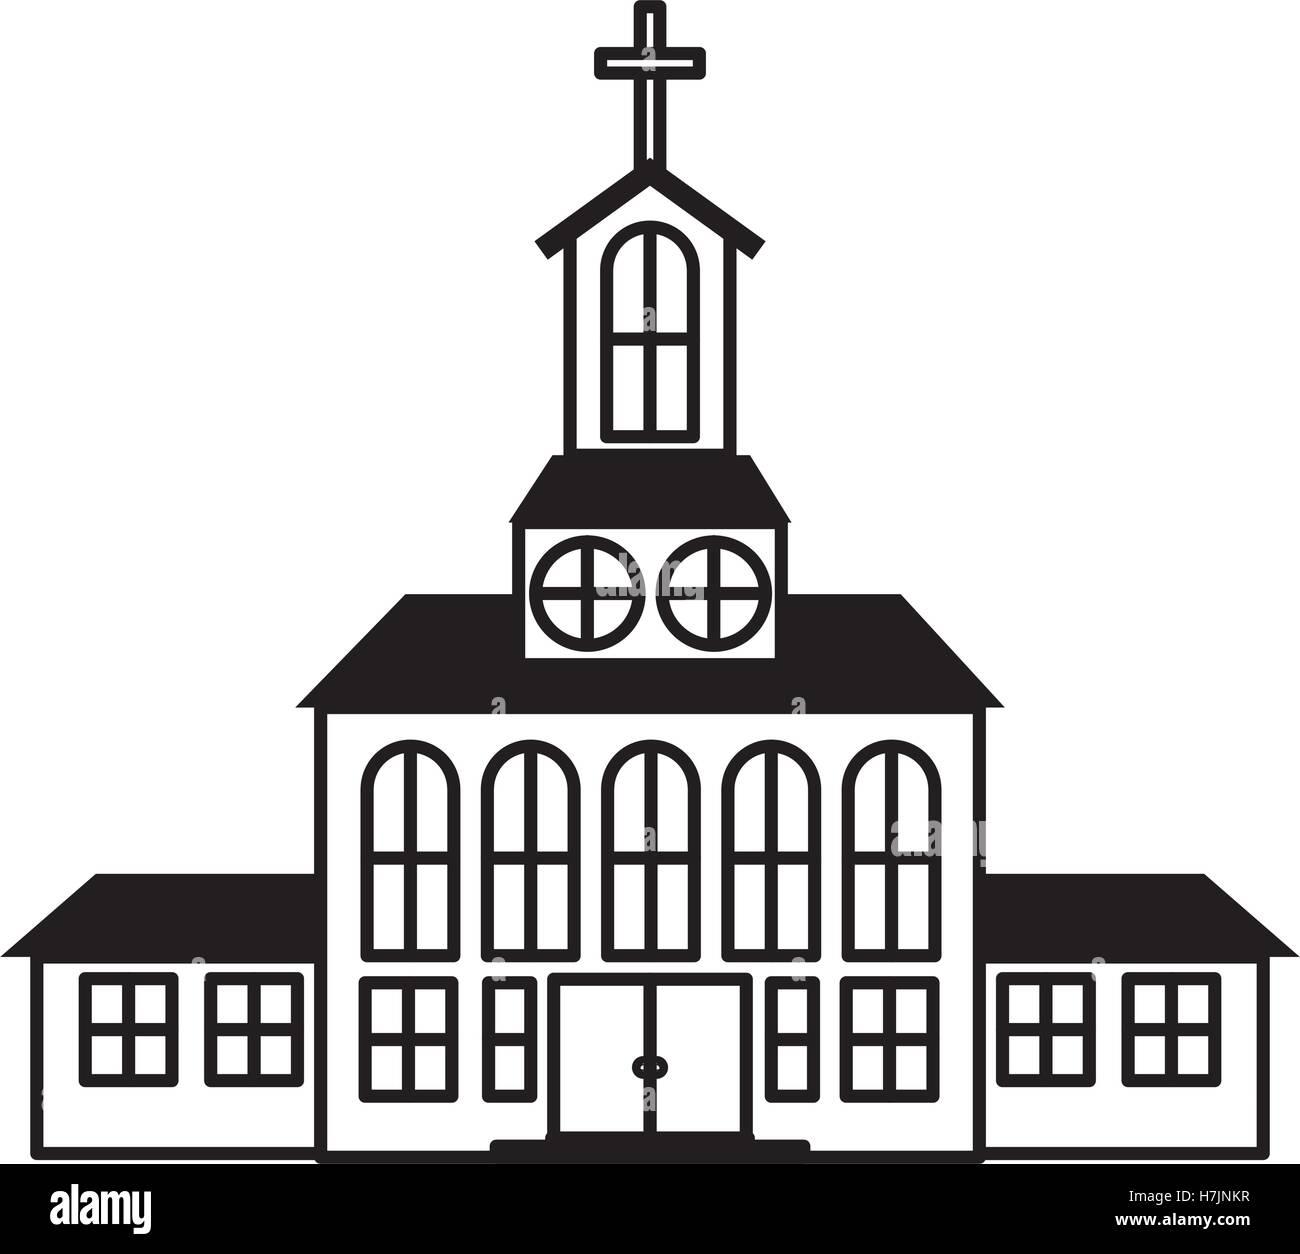 Silueta de la Iglesia, icono de edificio sobre fondo blanco. ilustración vectorial Ilustración del Vector